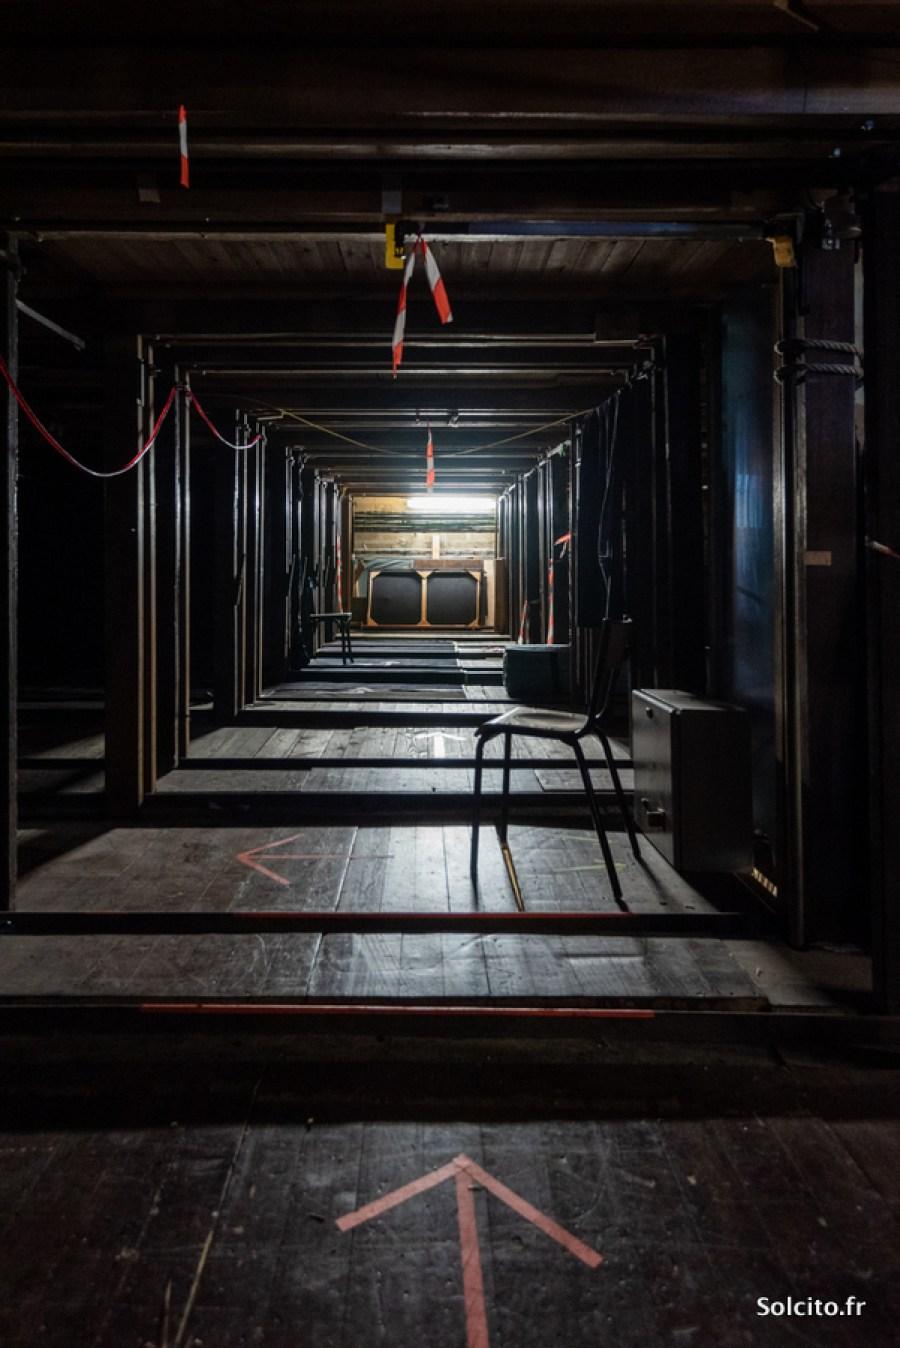 Coulisses Grand Théâtre Bordeaux